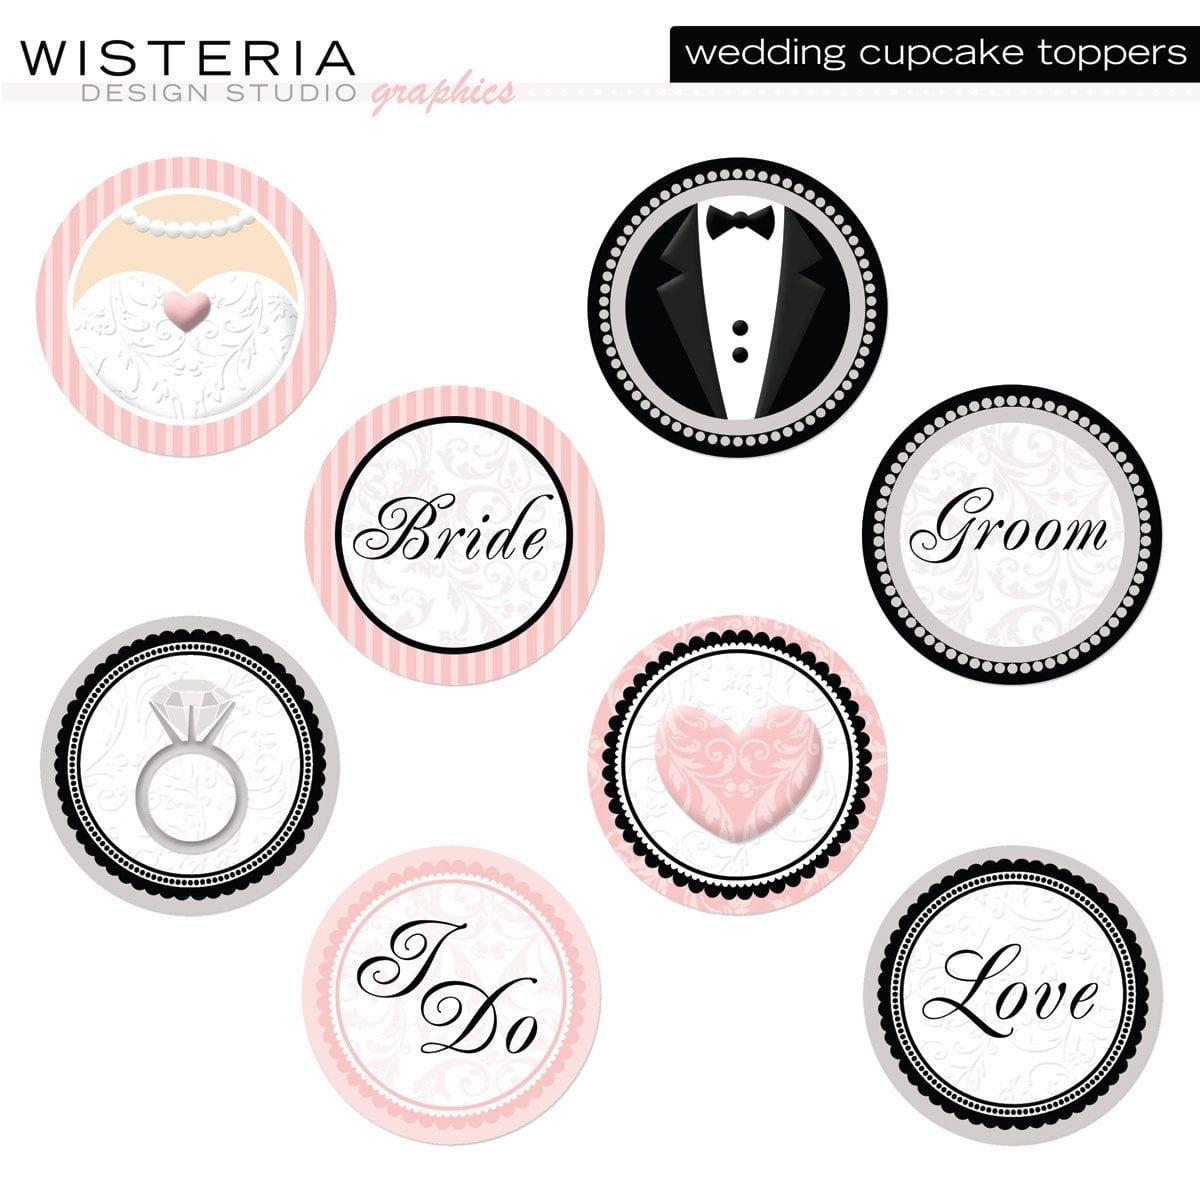 Printable Cupcake Toppers Wedding